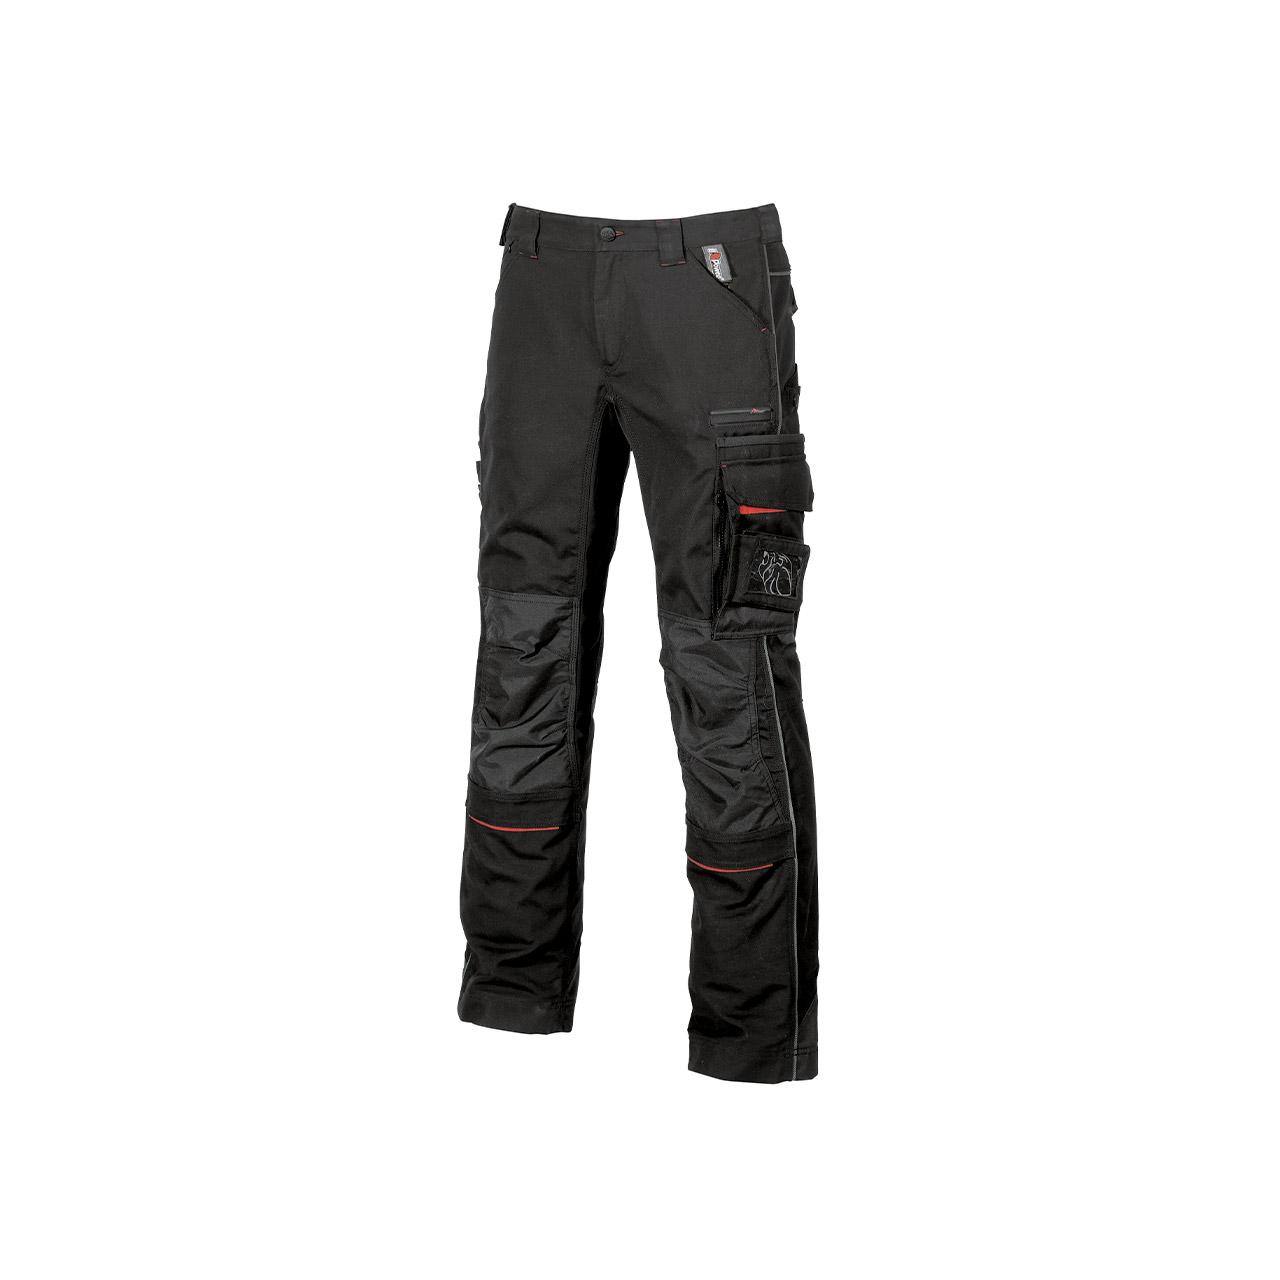 pantalone da lavoro upower modello drift colore black c